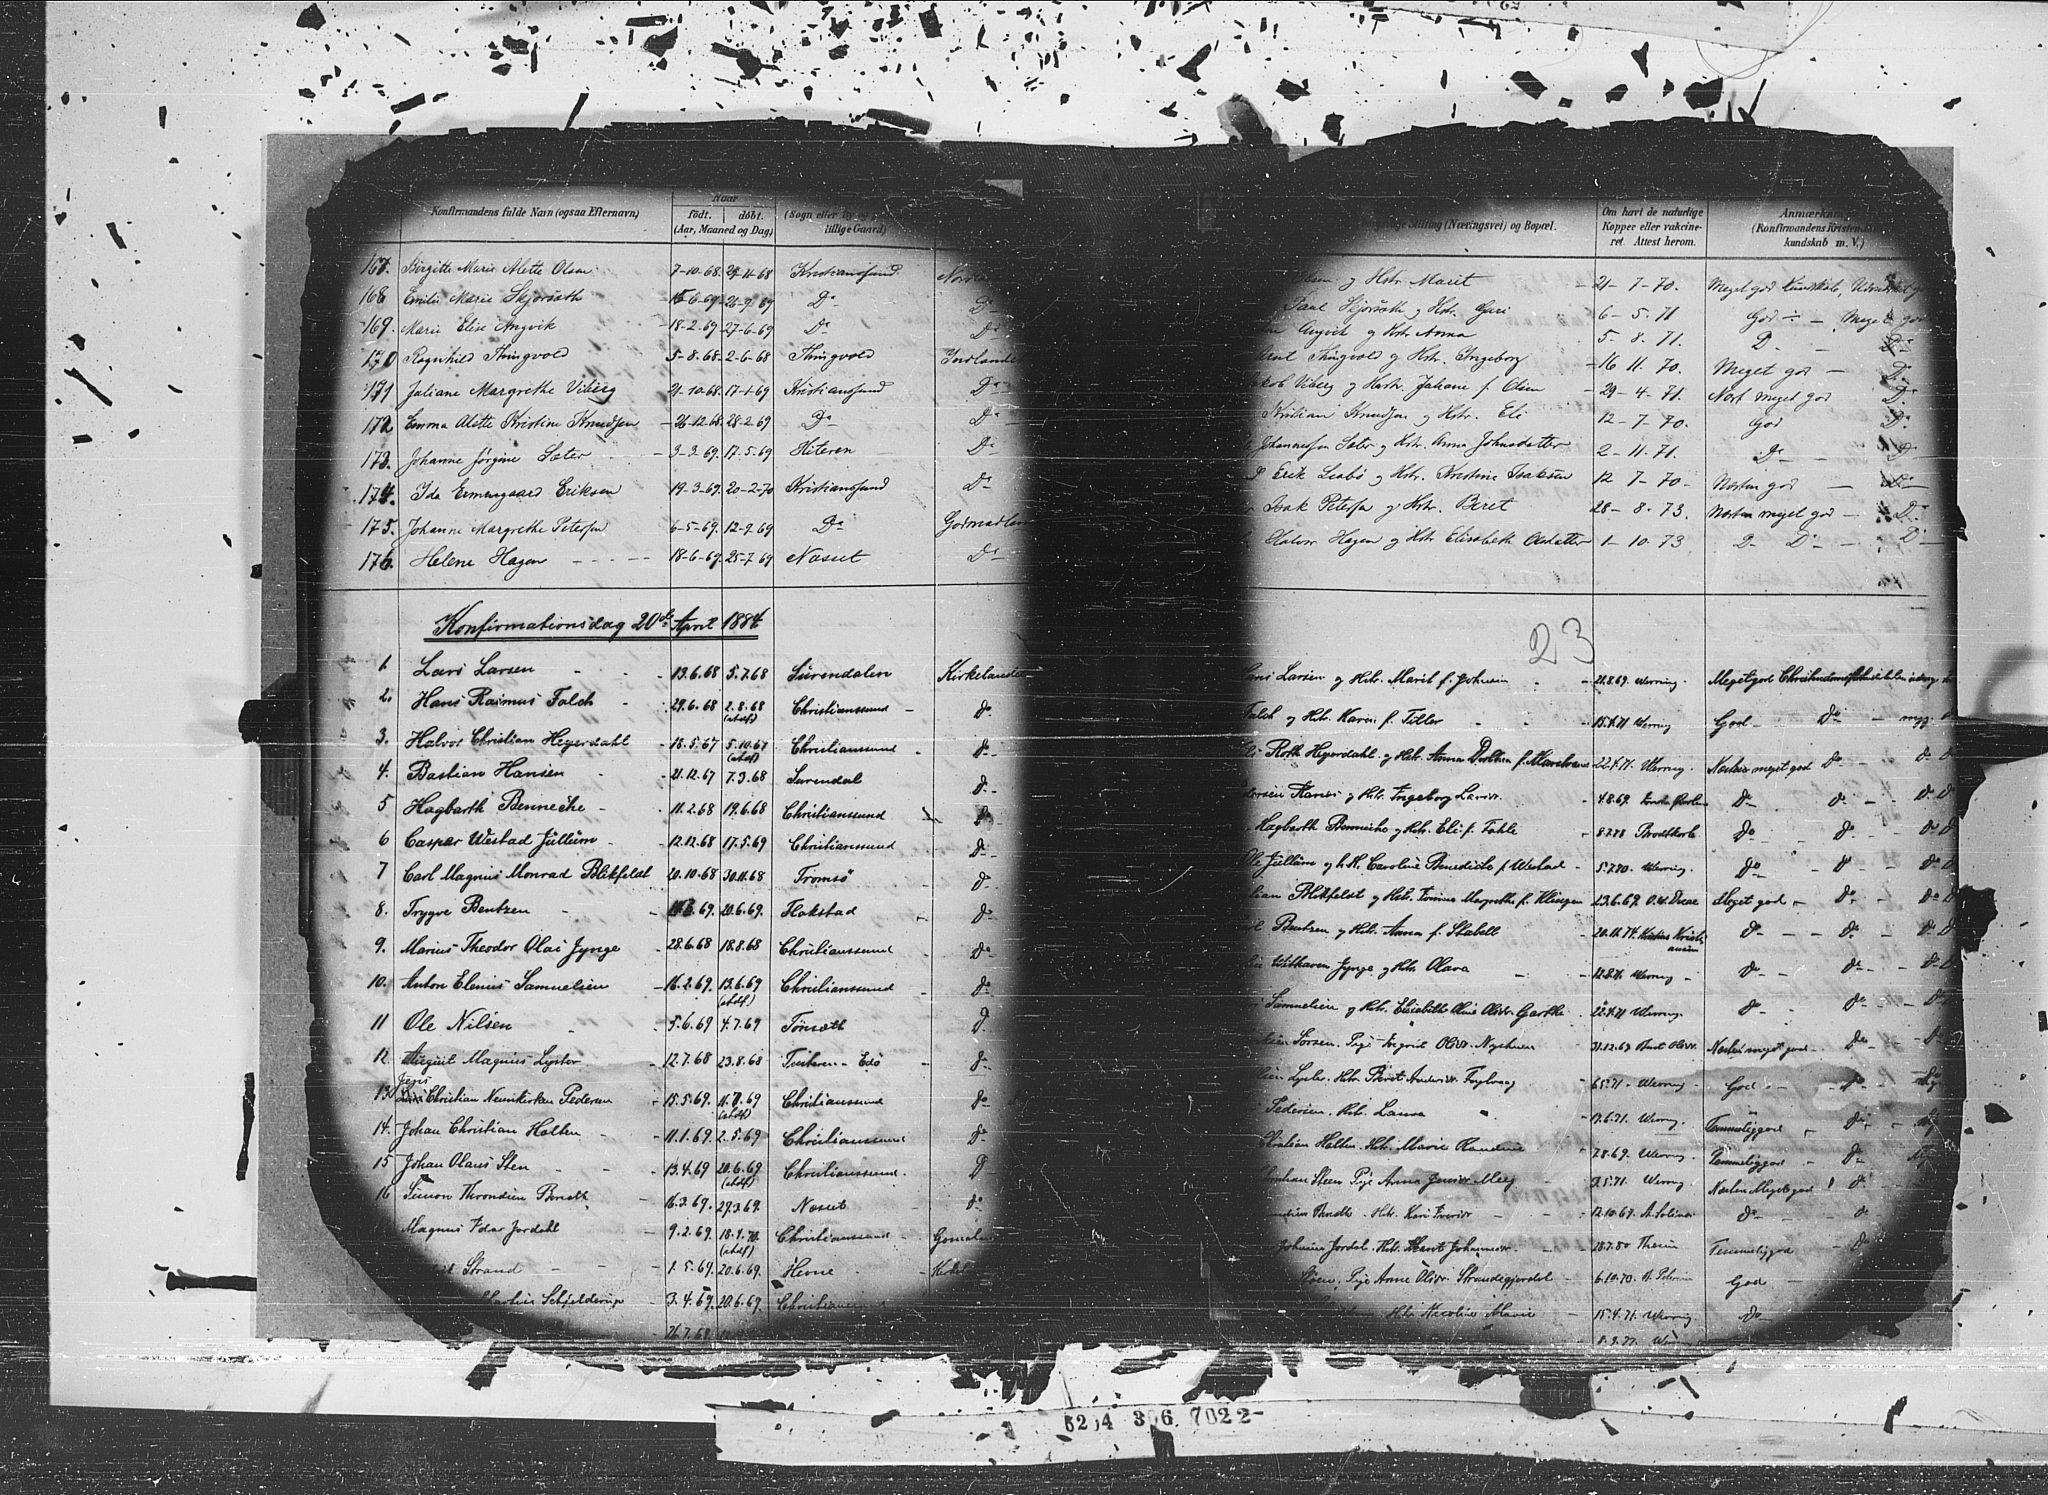 SAT, Ministerialprotokoller, klokkerbøker og fødselsregistre - Møre og Romsdal, 572/L0852: Ministerialbok nr. 572A15, 1880-1900, s. 23